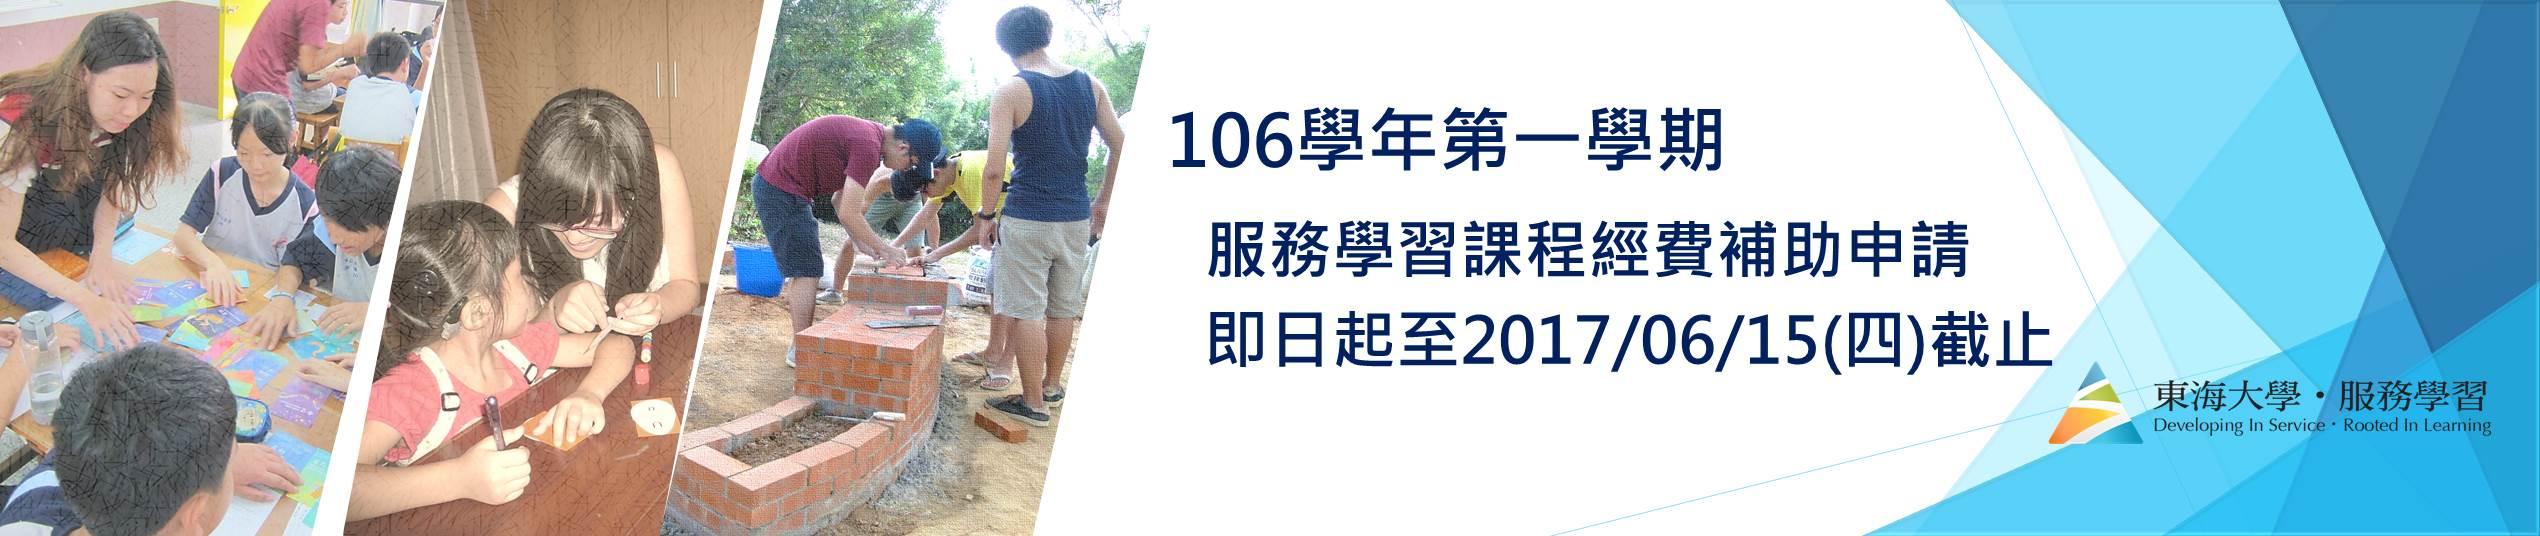 106學年度第1學期服務學習課程經費補助開始申請